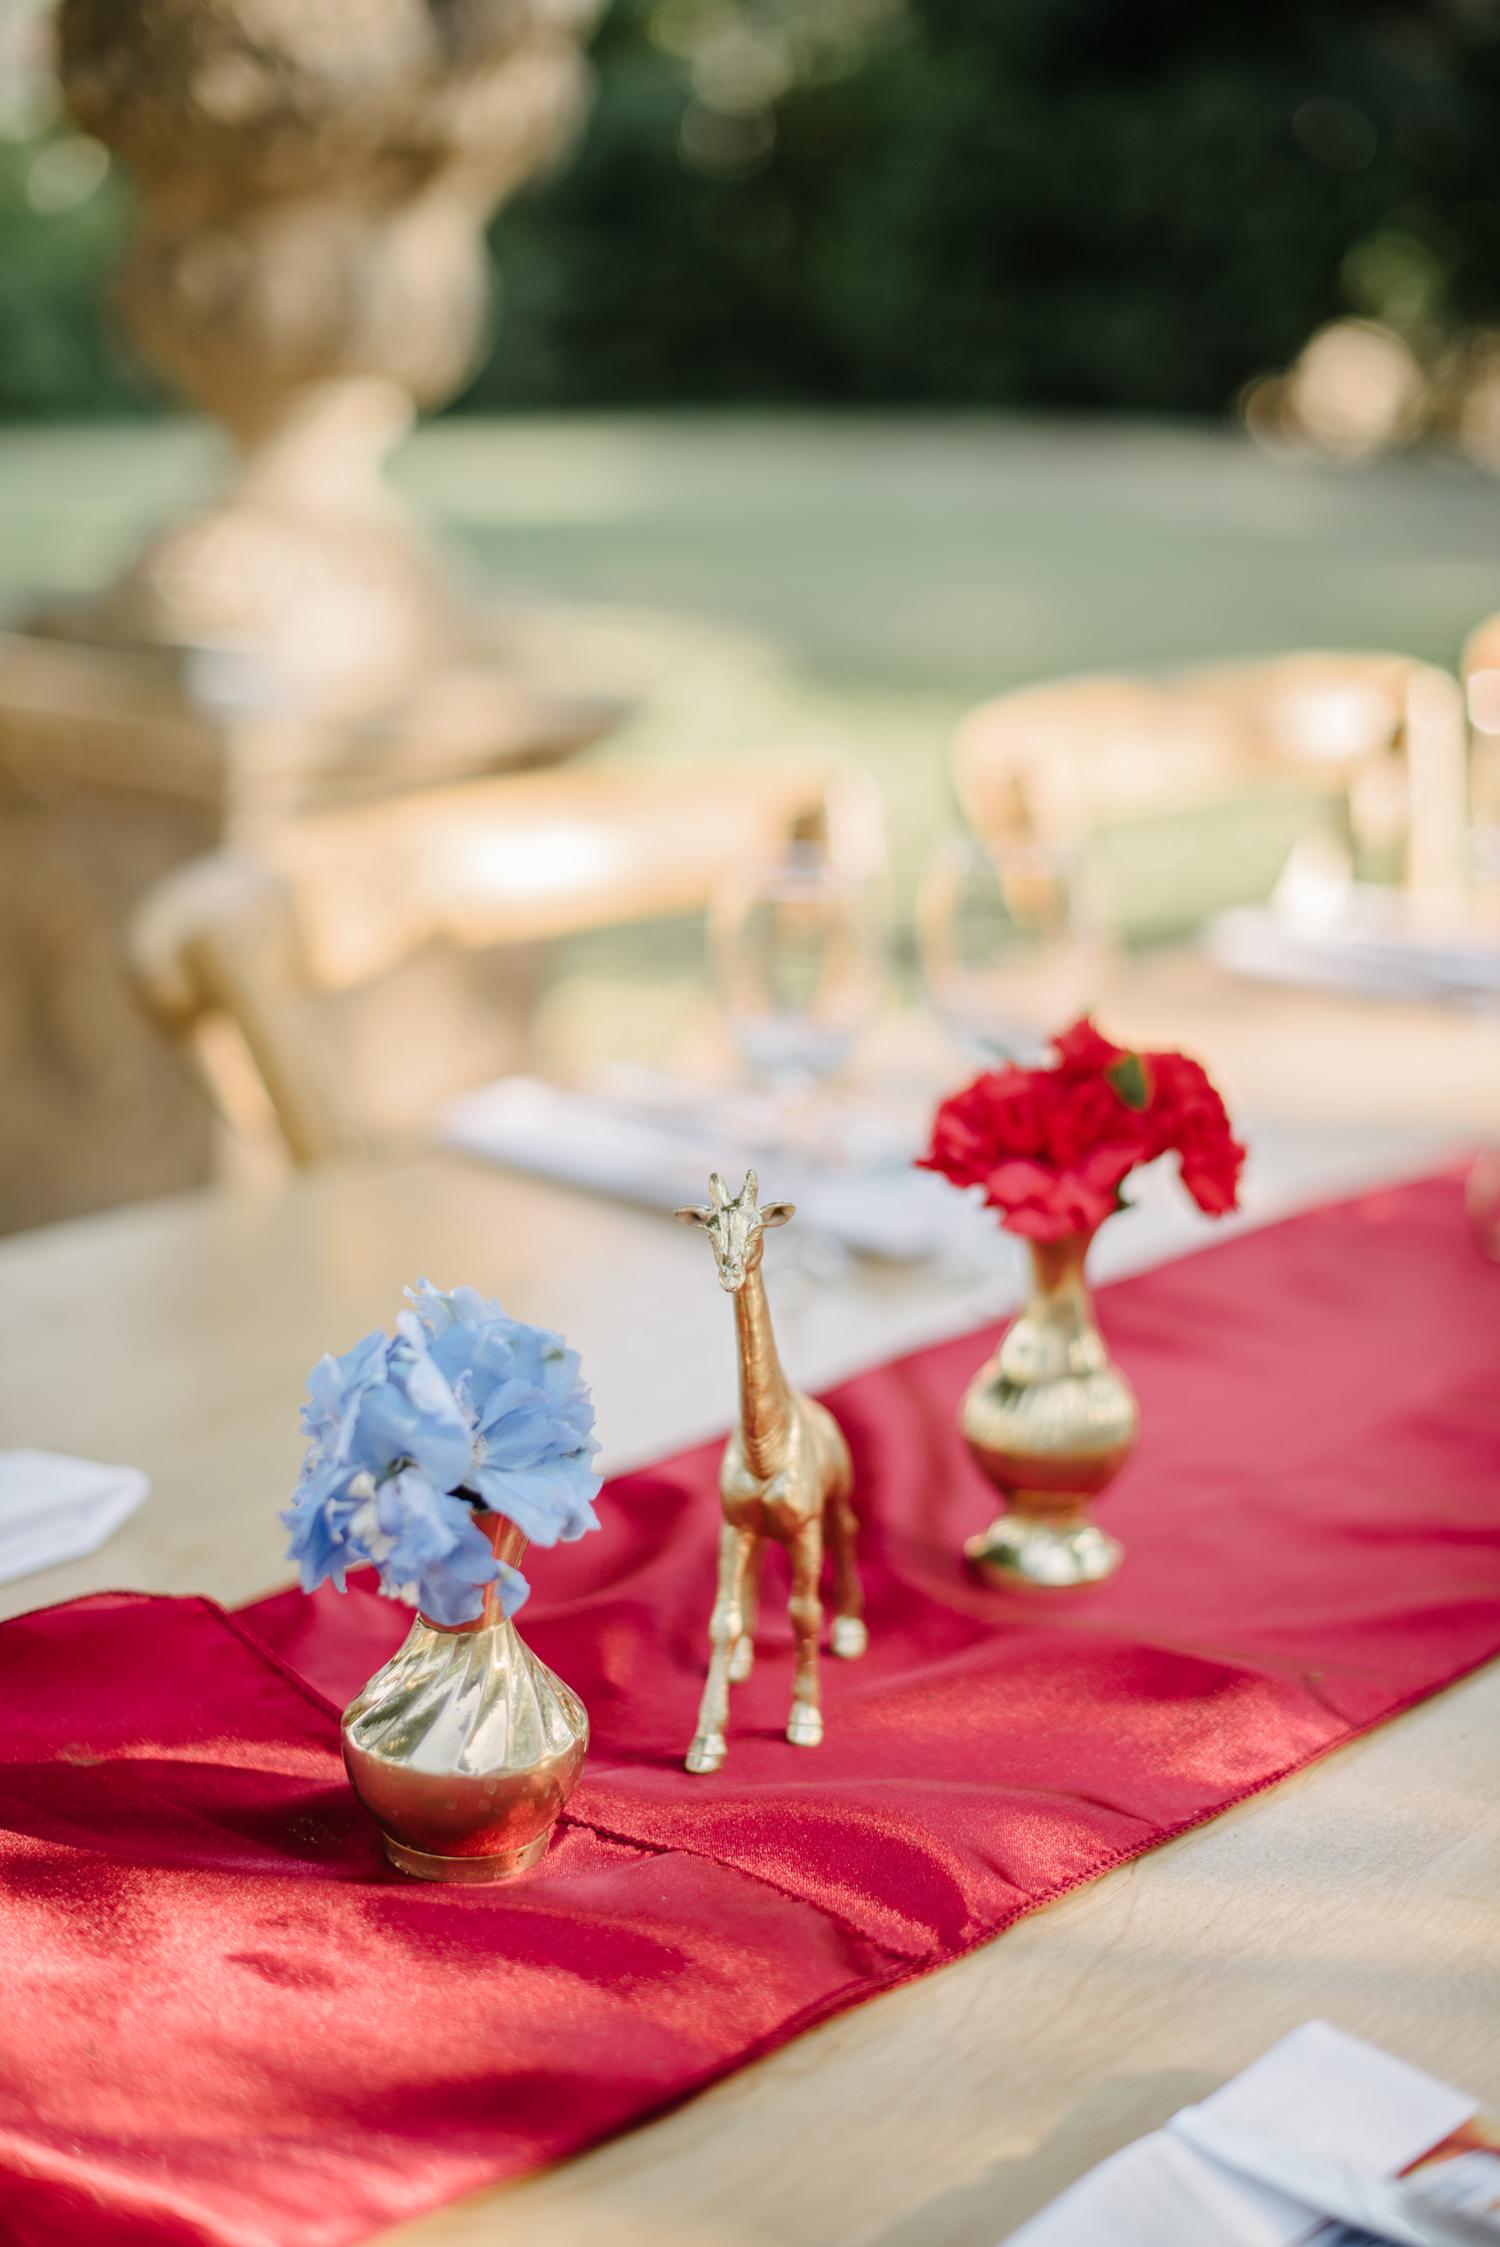 Chateau-Robernier-Wedding-Photography-0024.jpg